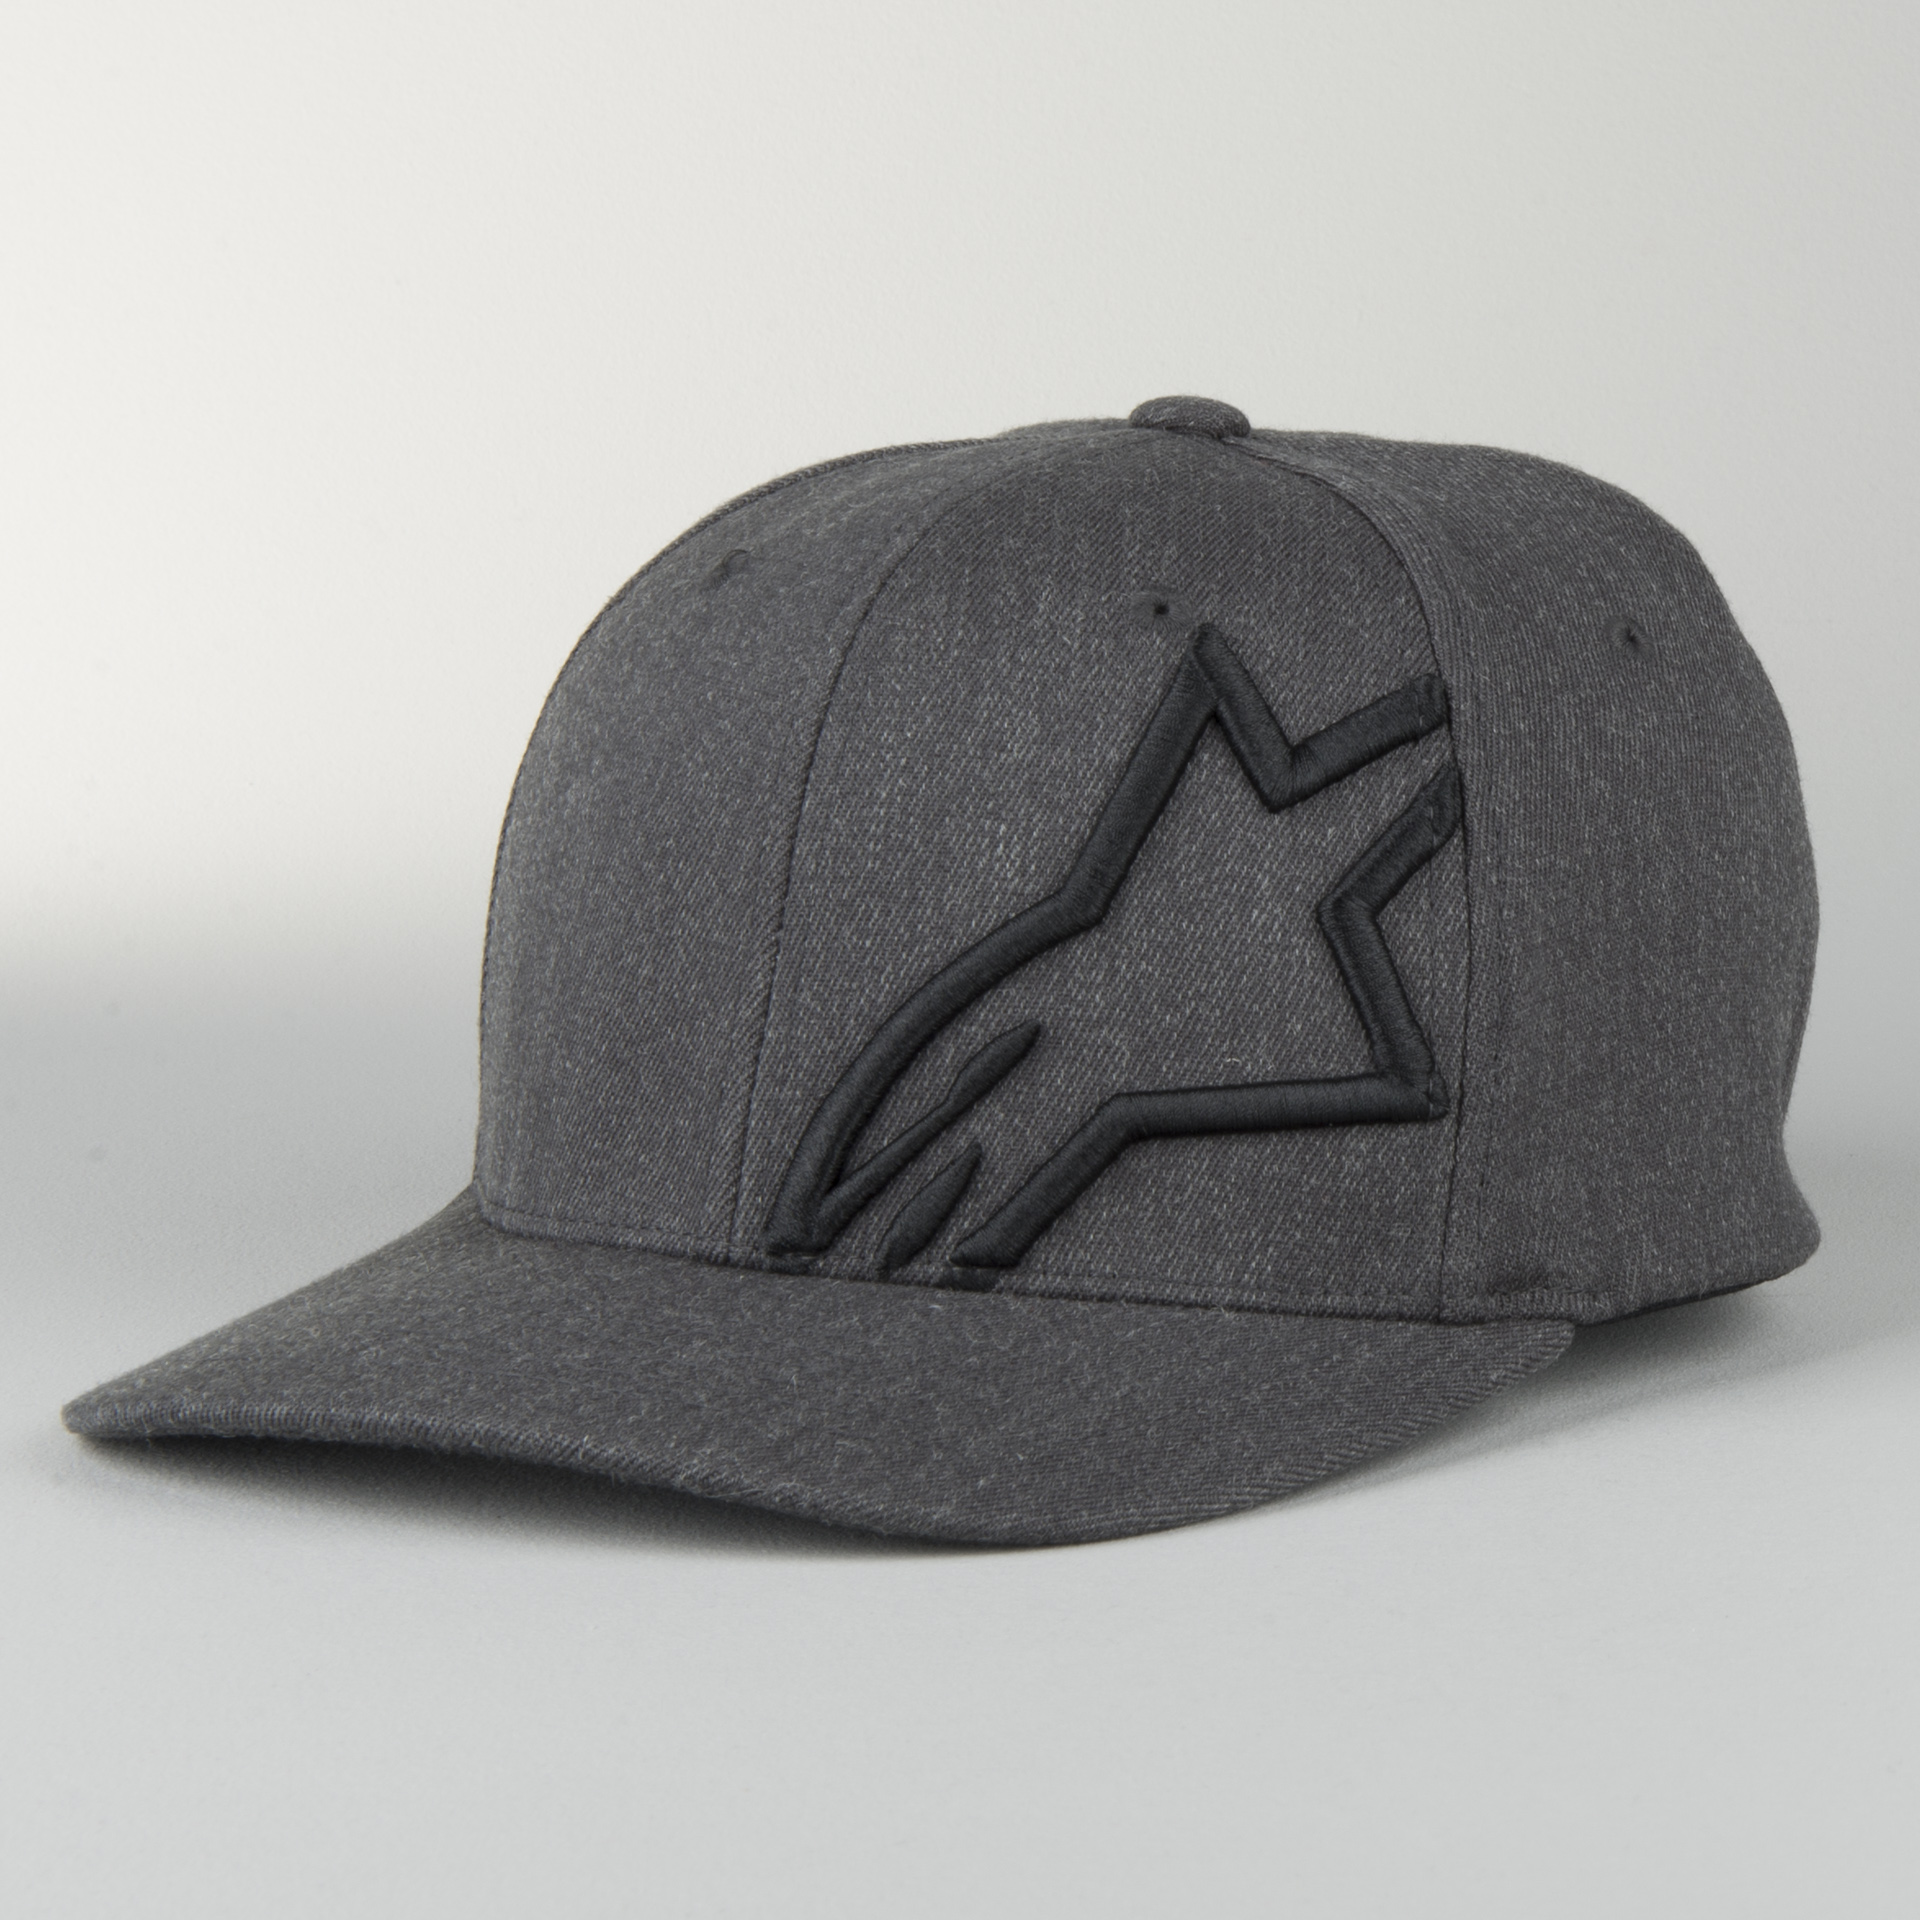 Black// White Alpinestars Corp Shift 2 Flexfit Motor Bike Motocross Cap Hat